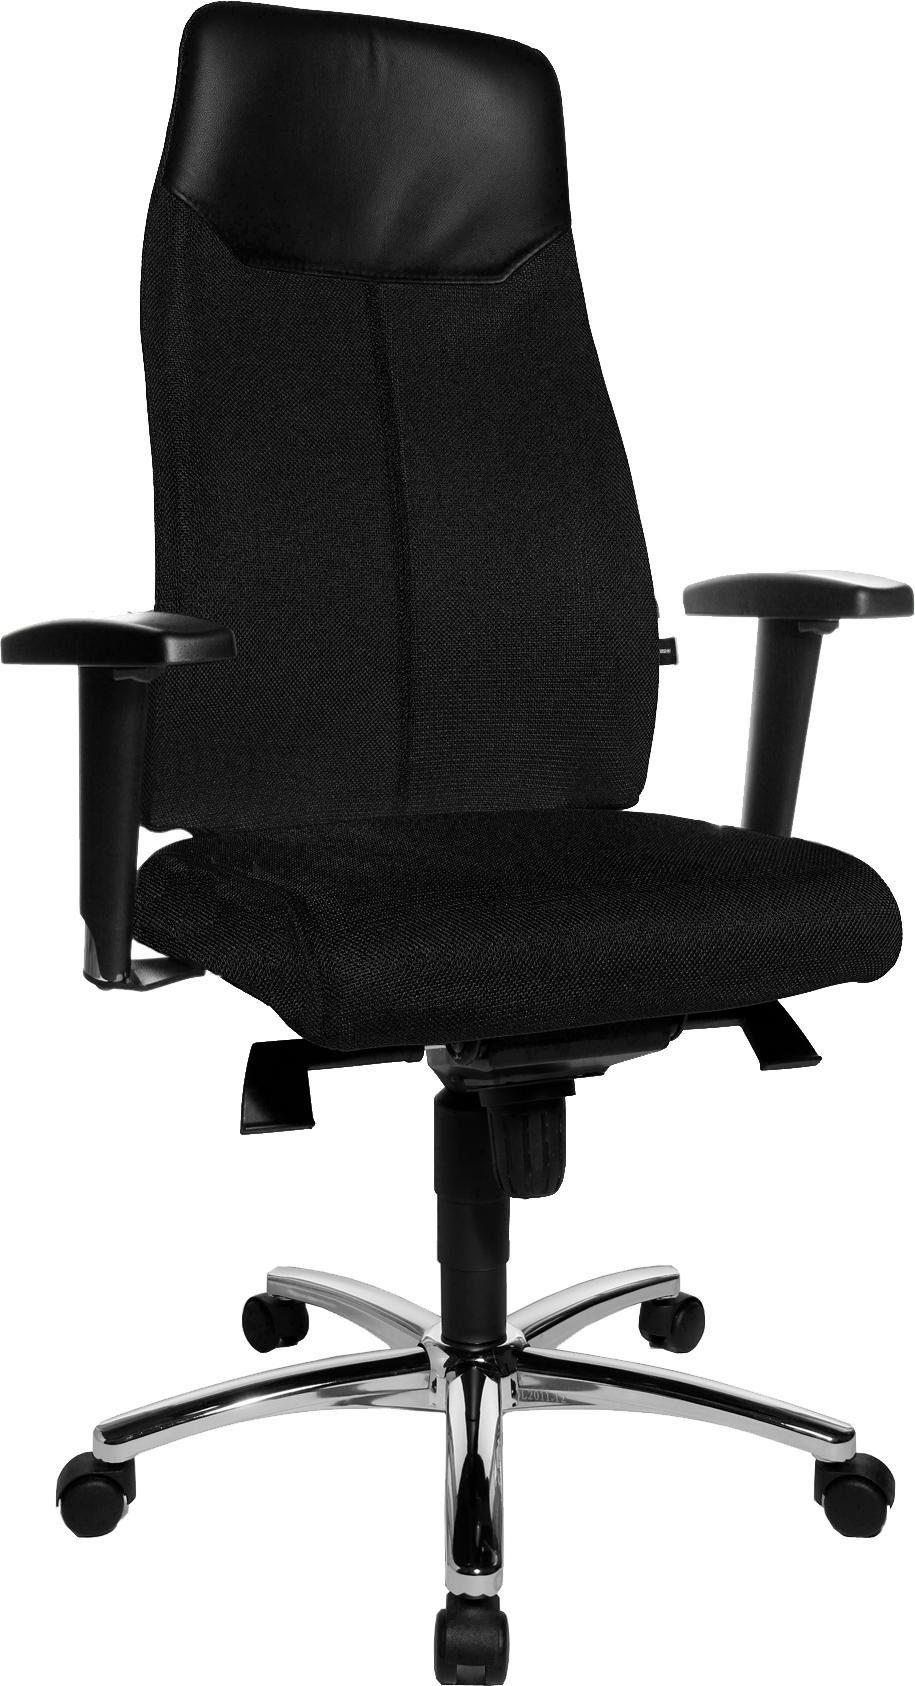 TOPSTAR Chefsessel »High Sit up«, Belastbarkeit bis max. 110 kg online kaufen | OTTO